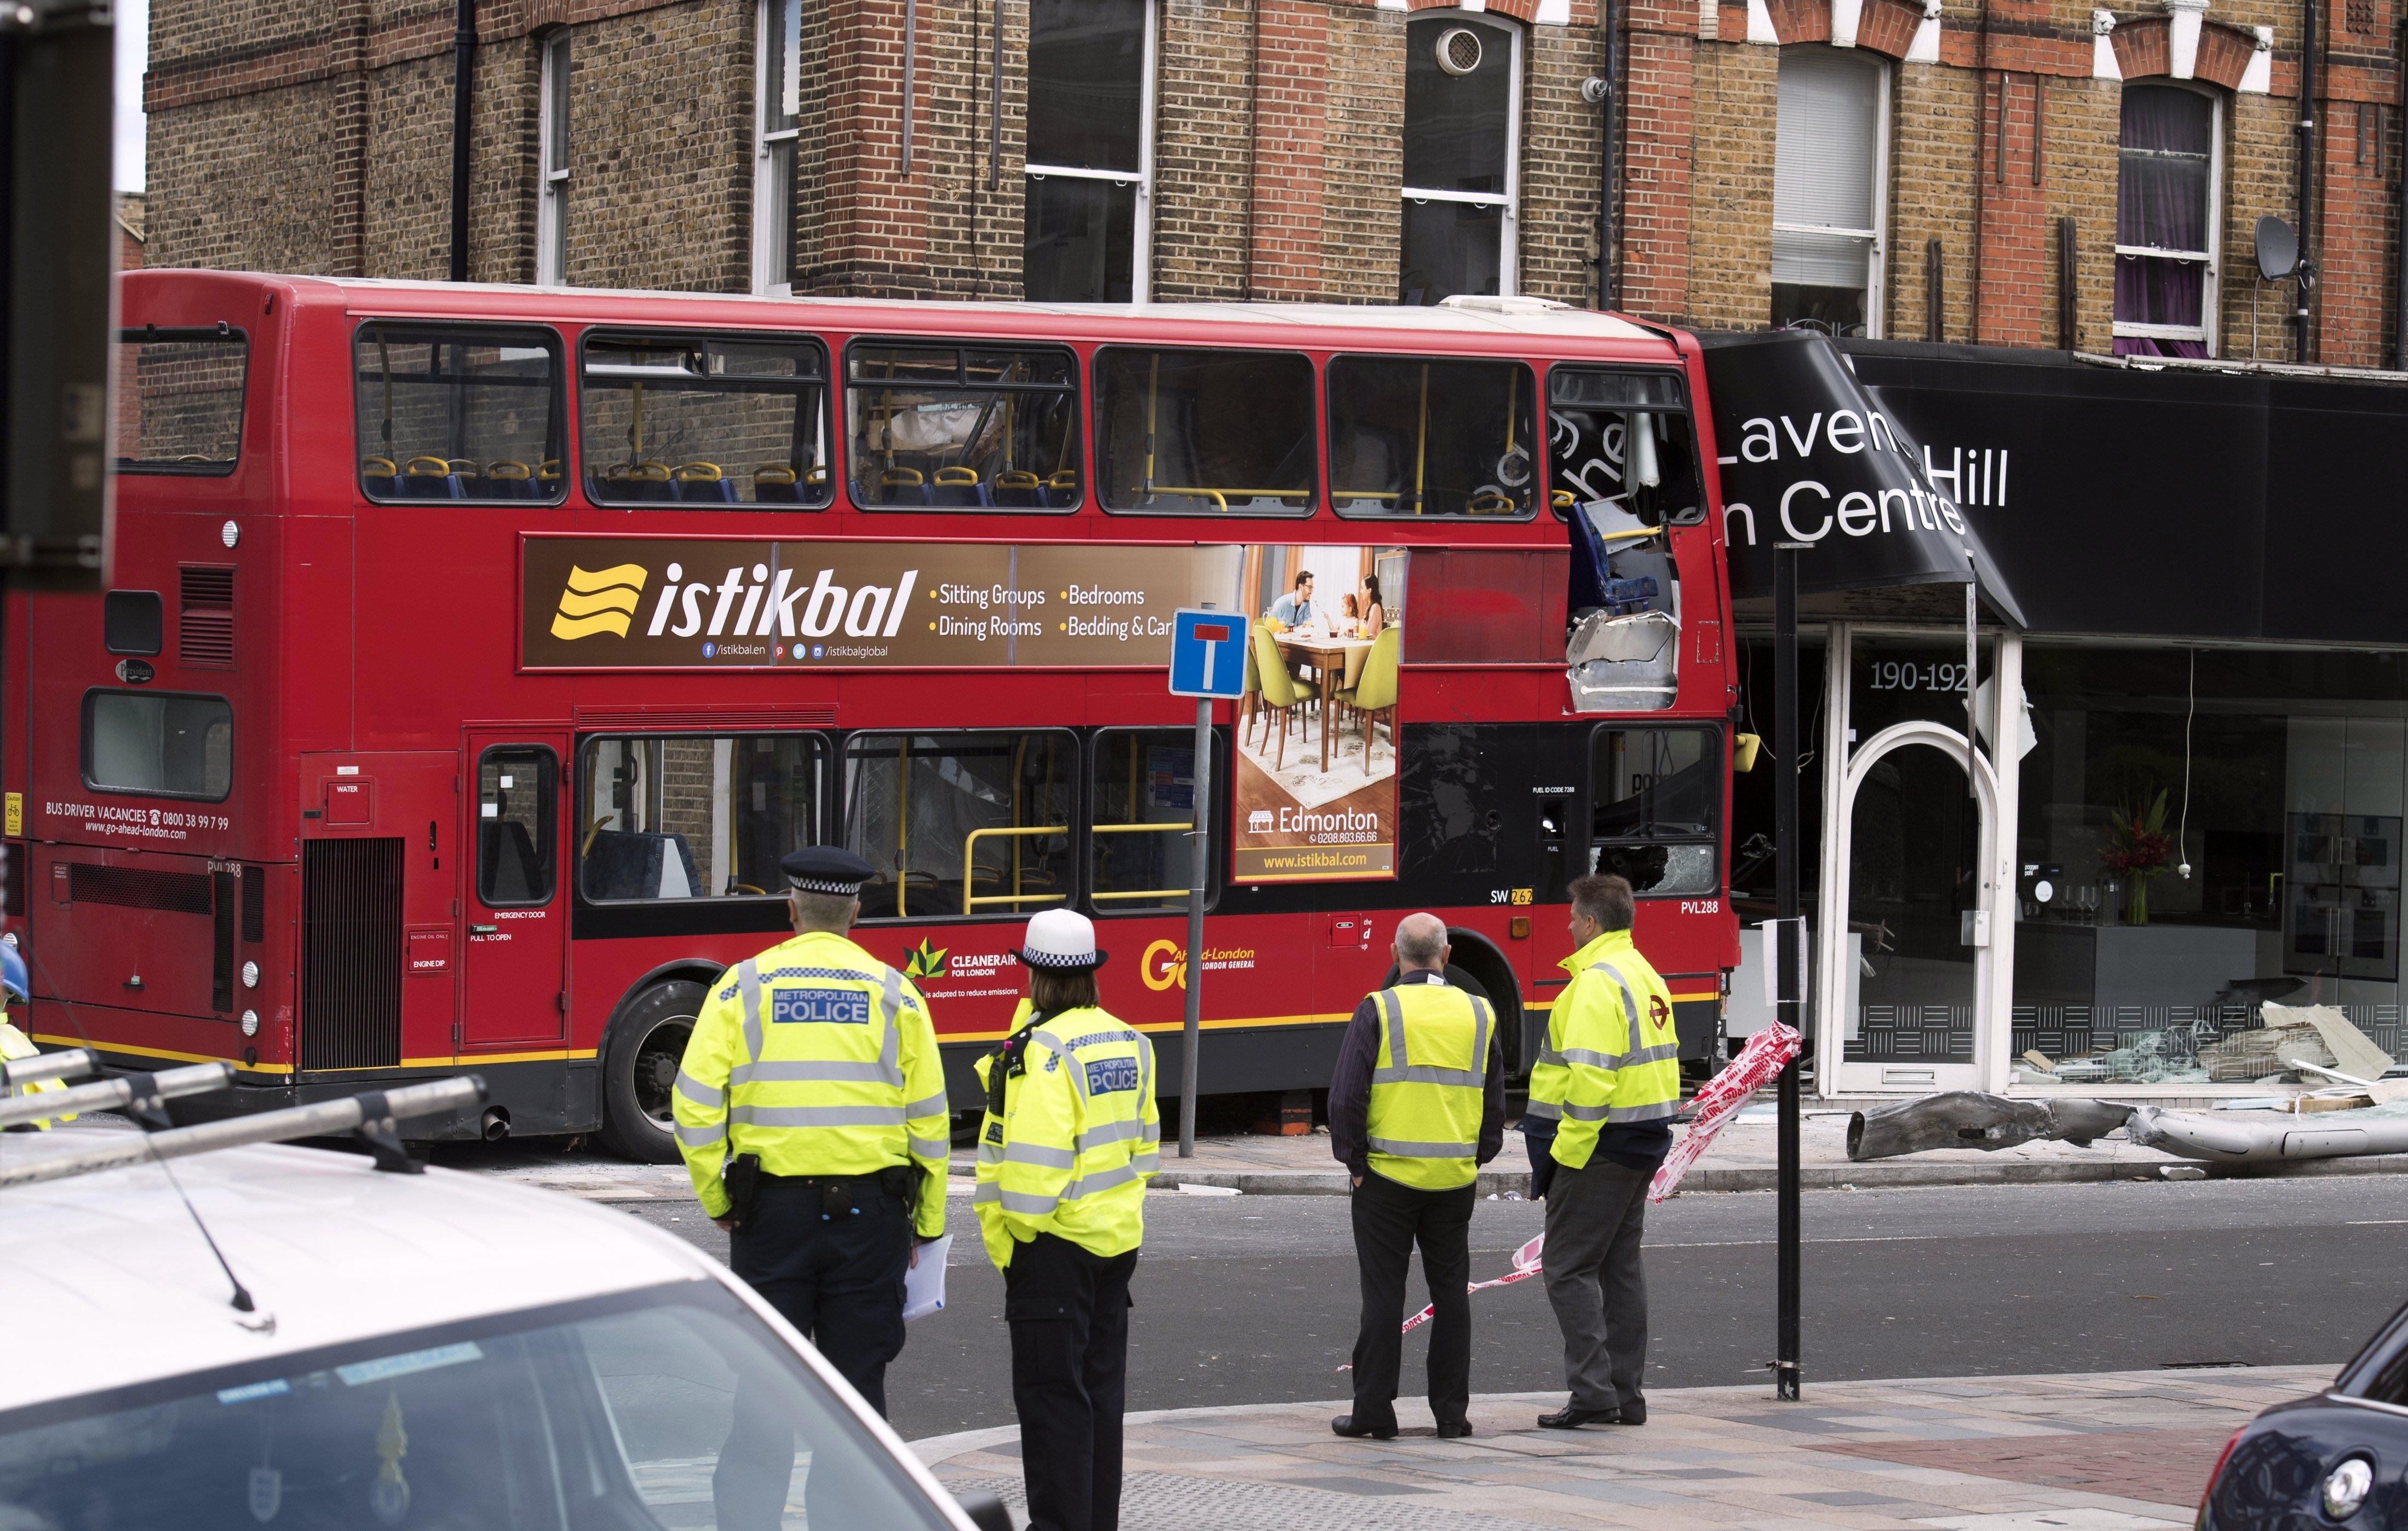 Un autobús de dos pisos ha col·lidit contra una tenda a Calpham, al sud de Londres, Regne Unit. /WILL OLIVER